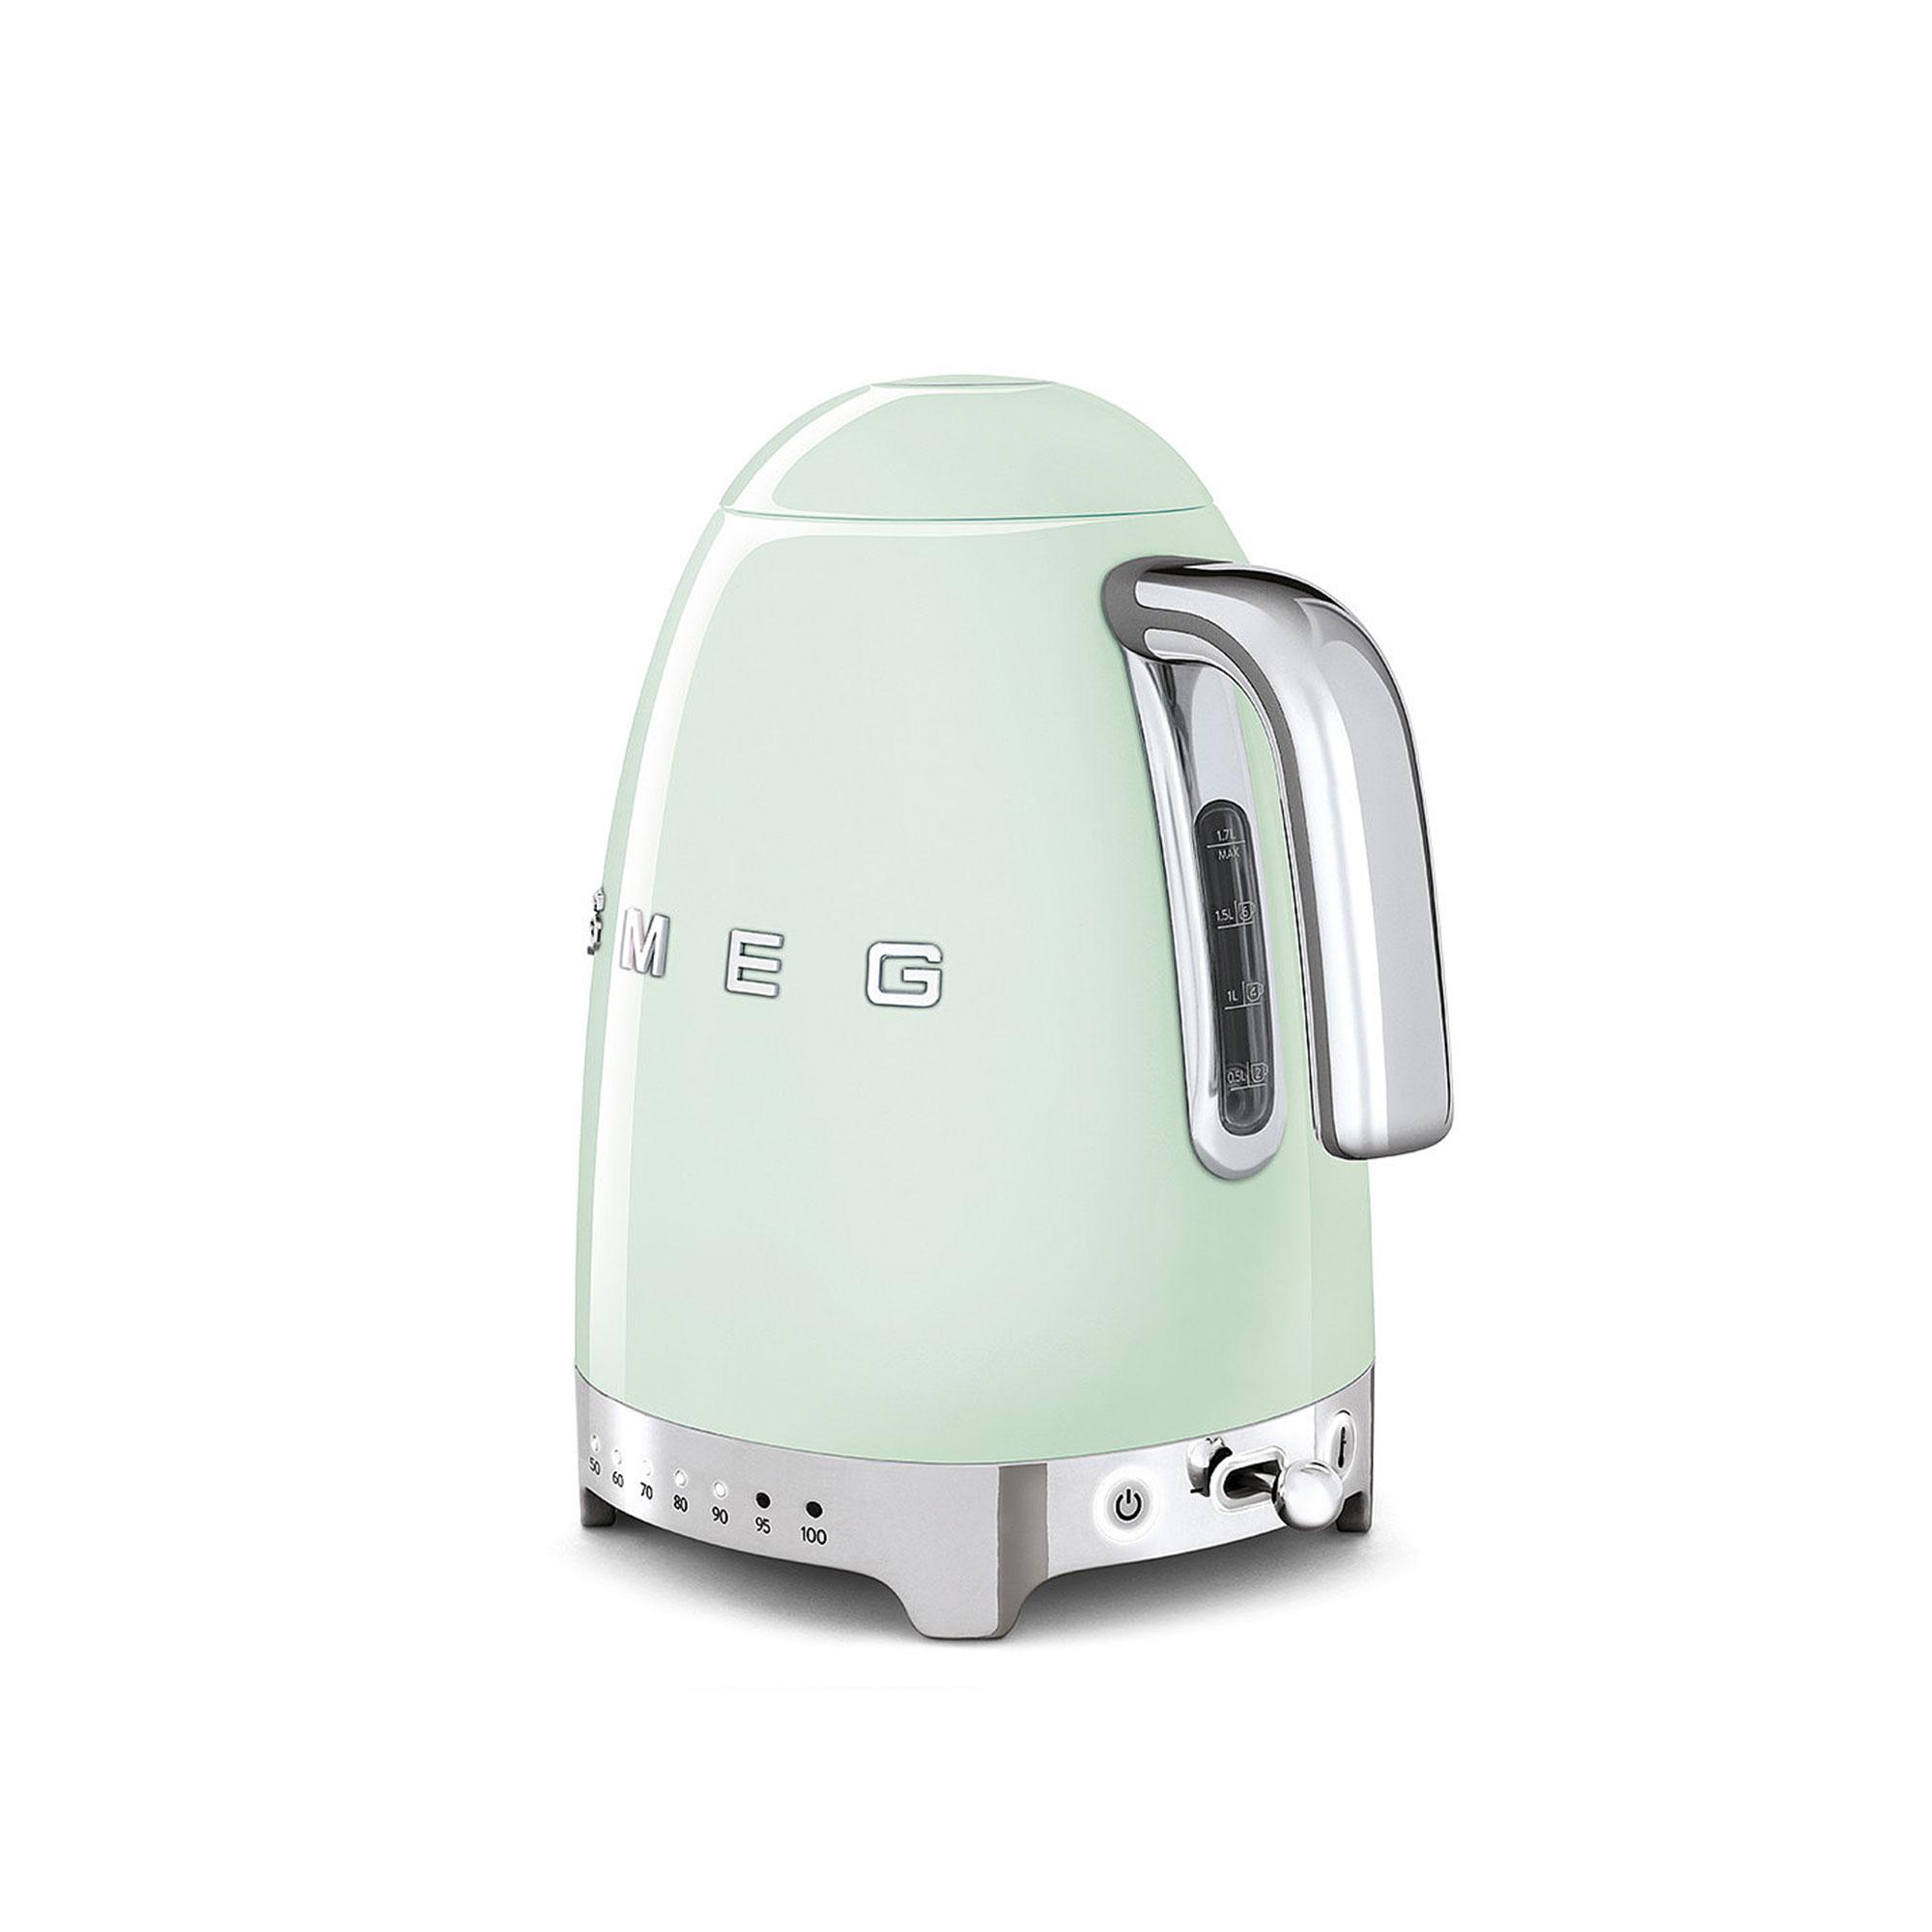 Omtyckta Köp Smeg Vattenkokare 1,7 L Reglerbar Temperatur Pastellgrön från KU-79